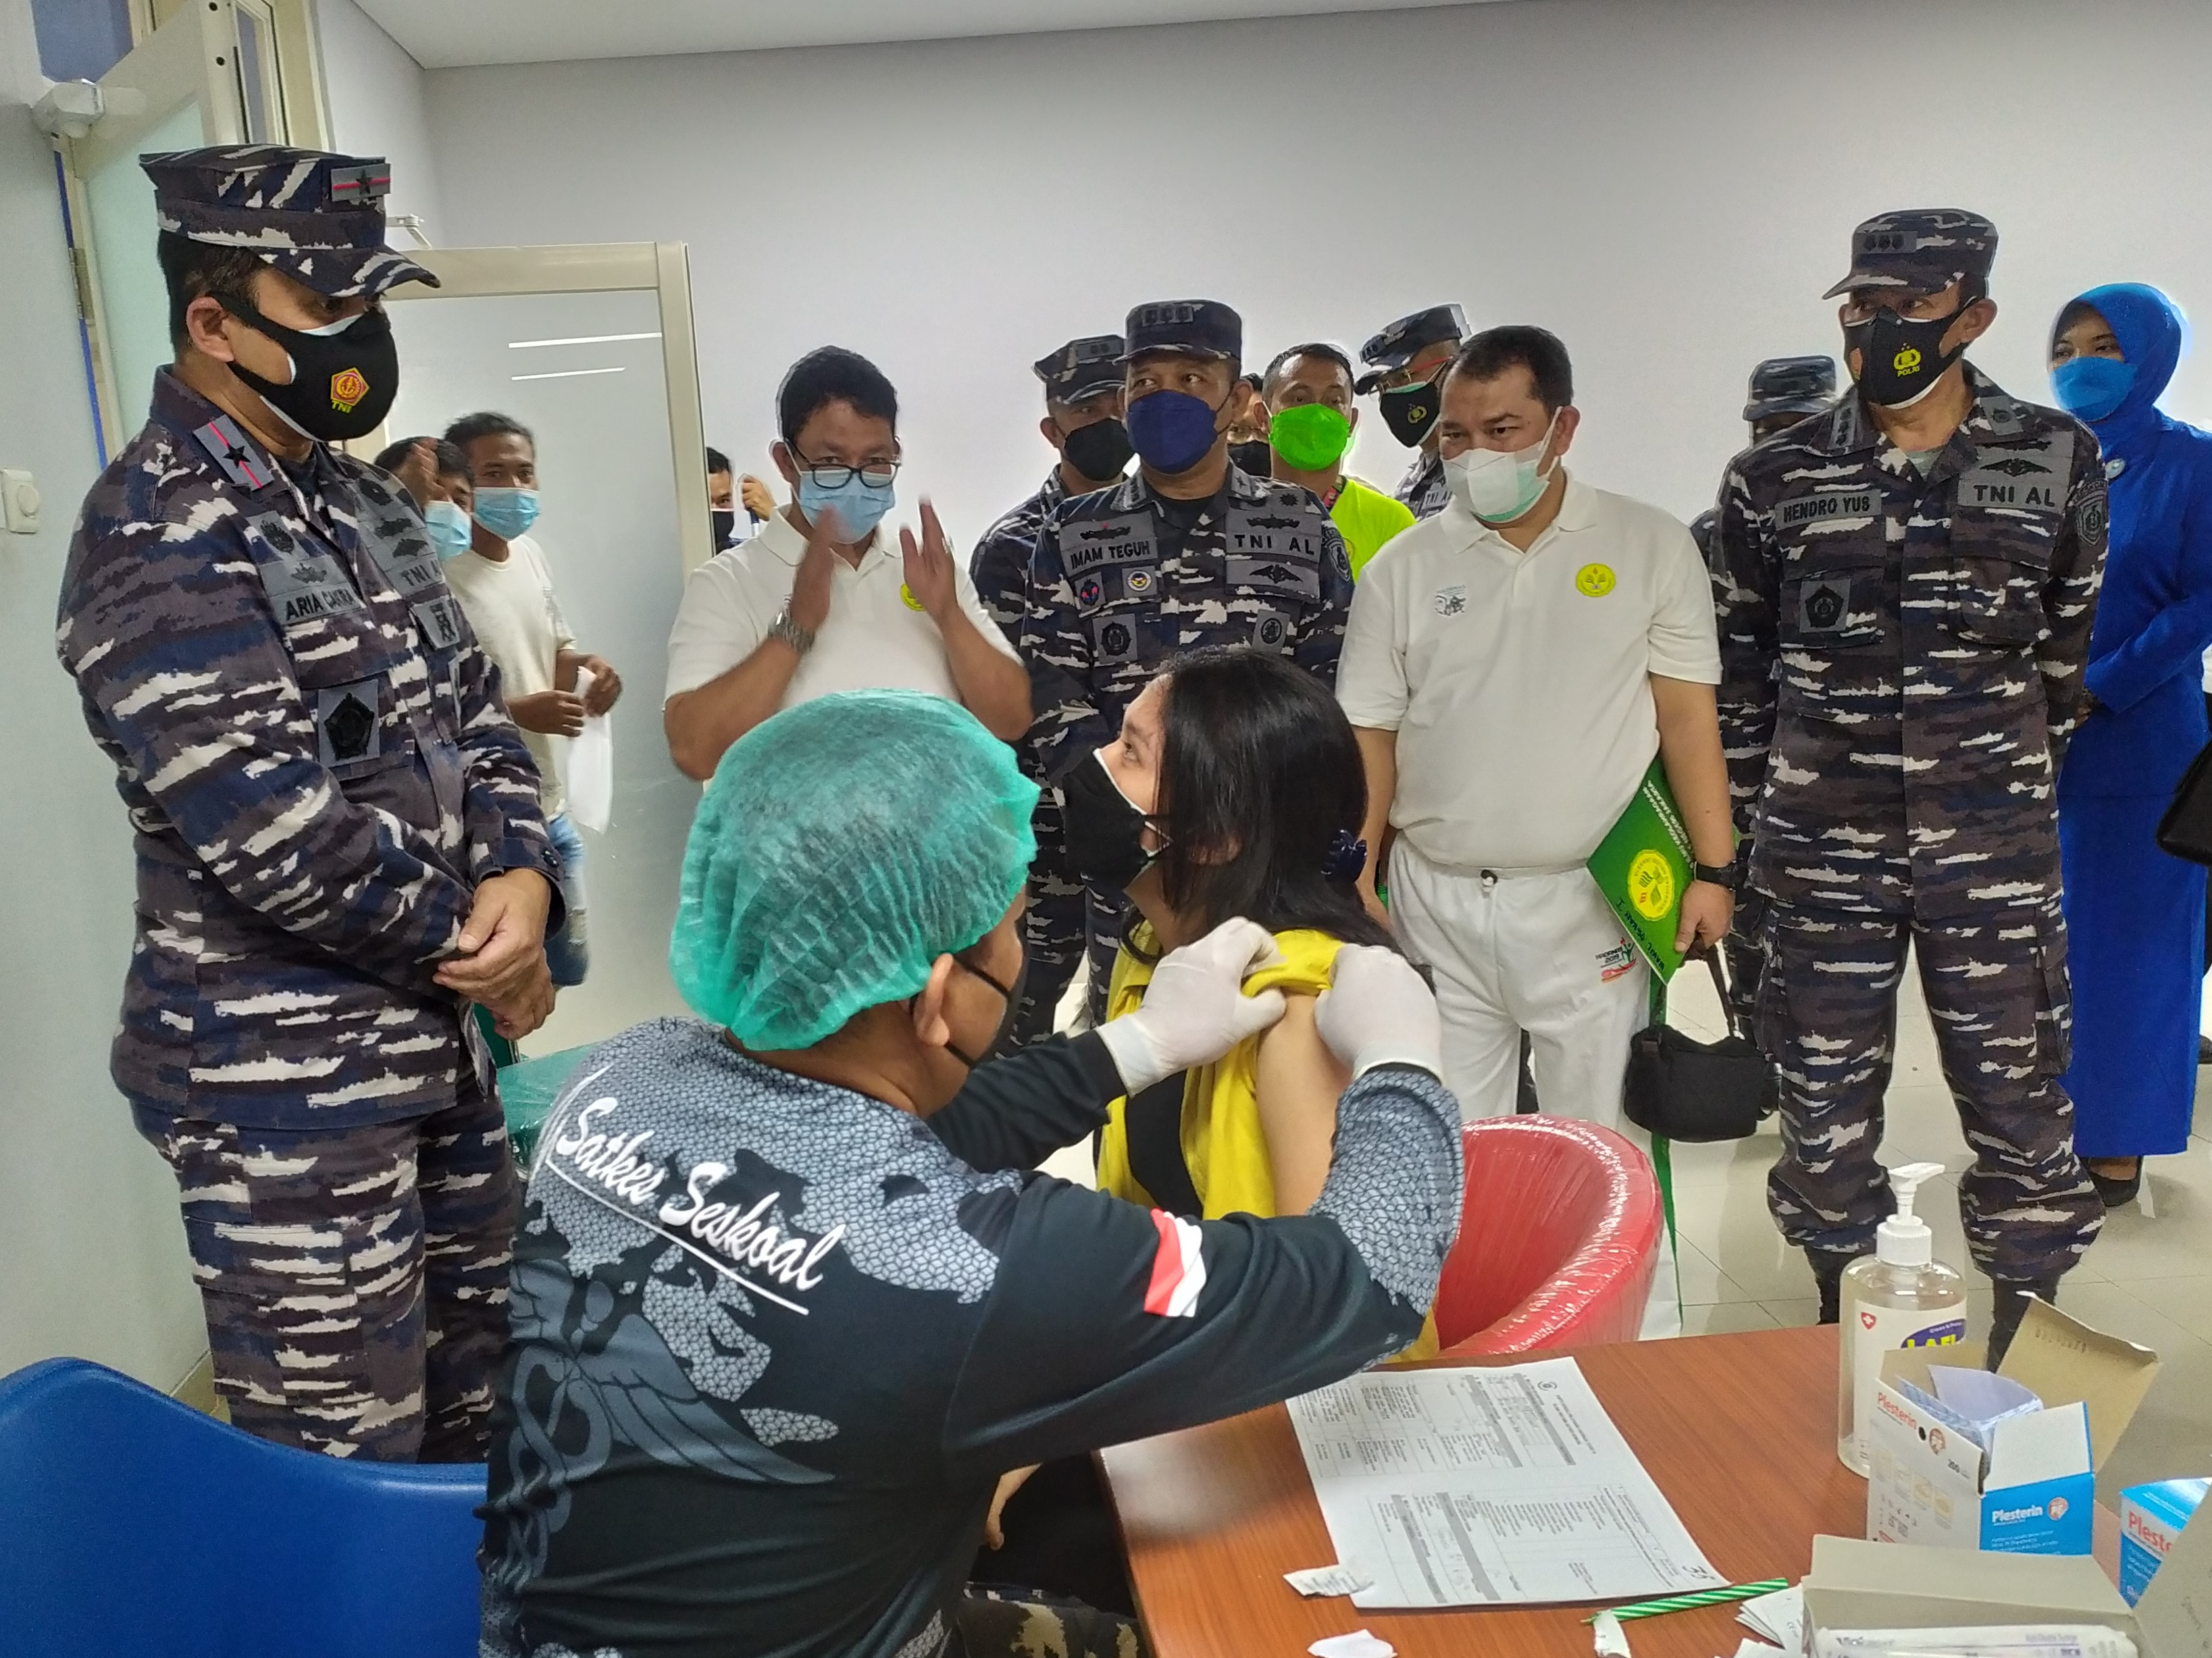 500 Dosis Vaksinasi Bagi Masyarakat UNJ bersama Sekolah Staf dan Komando TNI Angkatan Laut